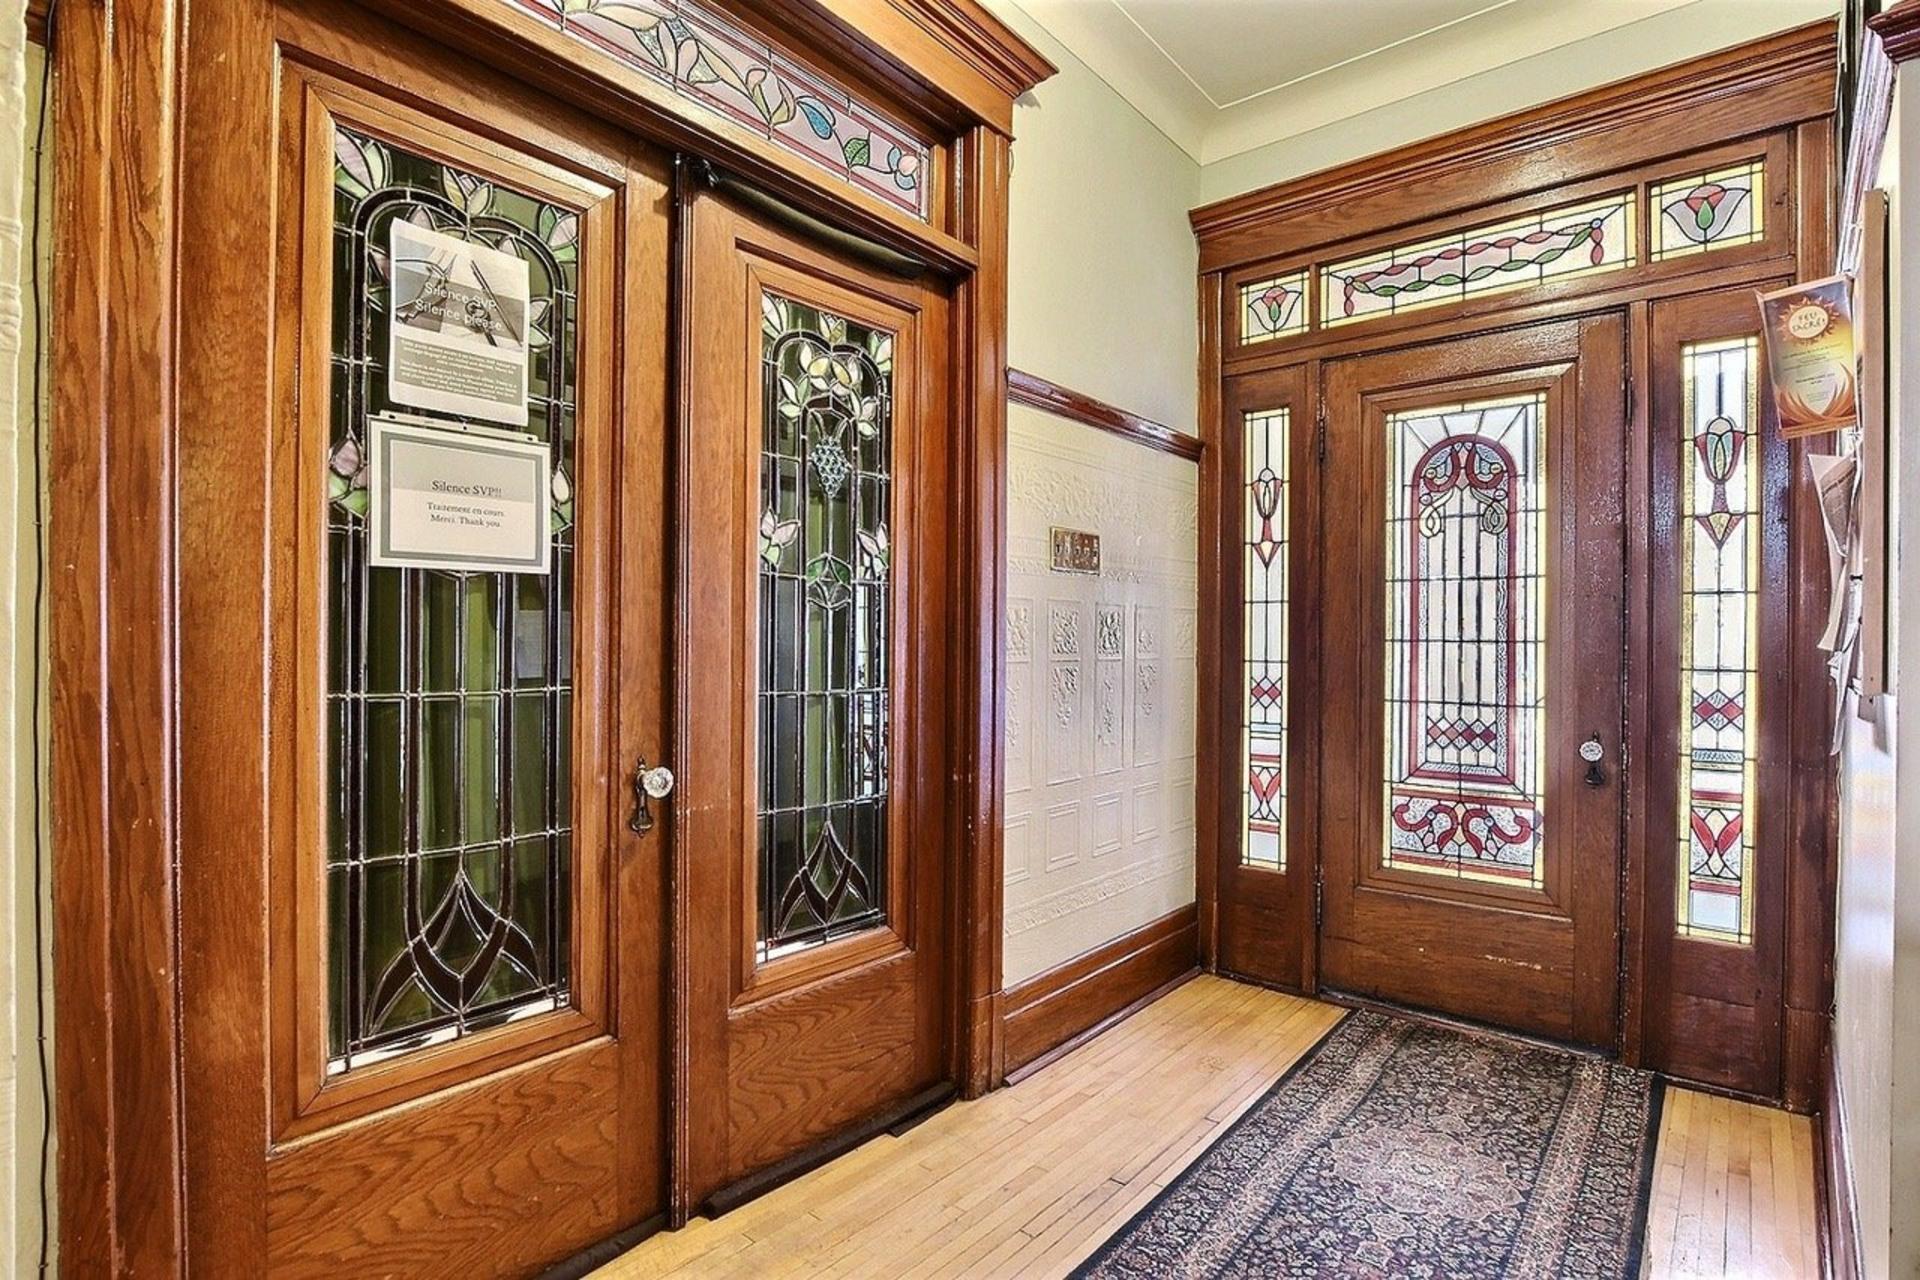 image 1 - Immeuble à revenus À vendre Le Plateau-Mont-Royal Montréal  - 4 pièces